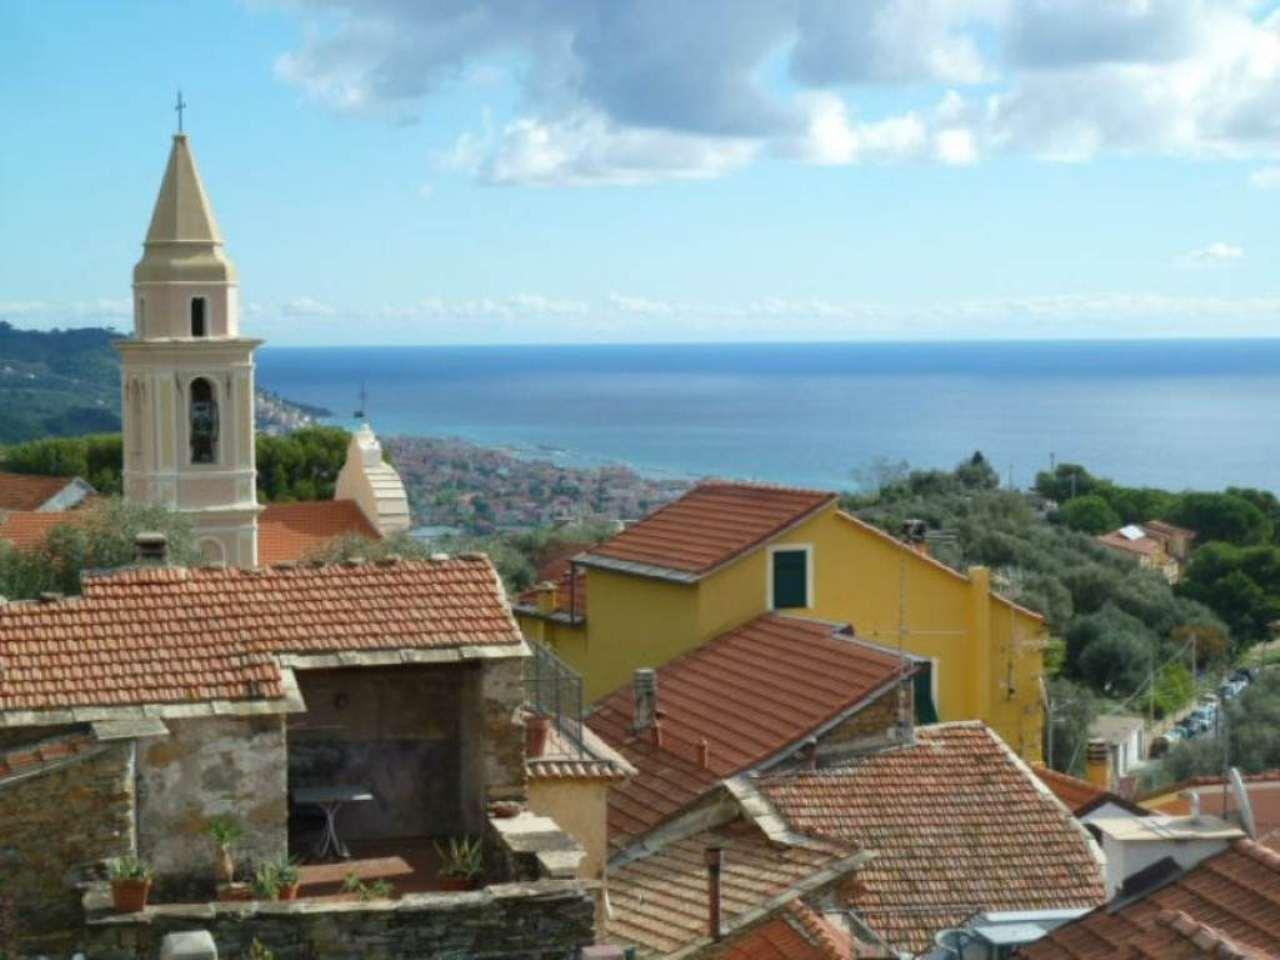 Soluzione Indipendente in vendita a Diano Castello, 8 locali, prezzo € 450.000 | CambioCasa.it